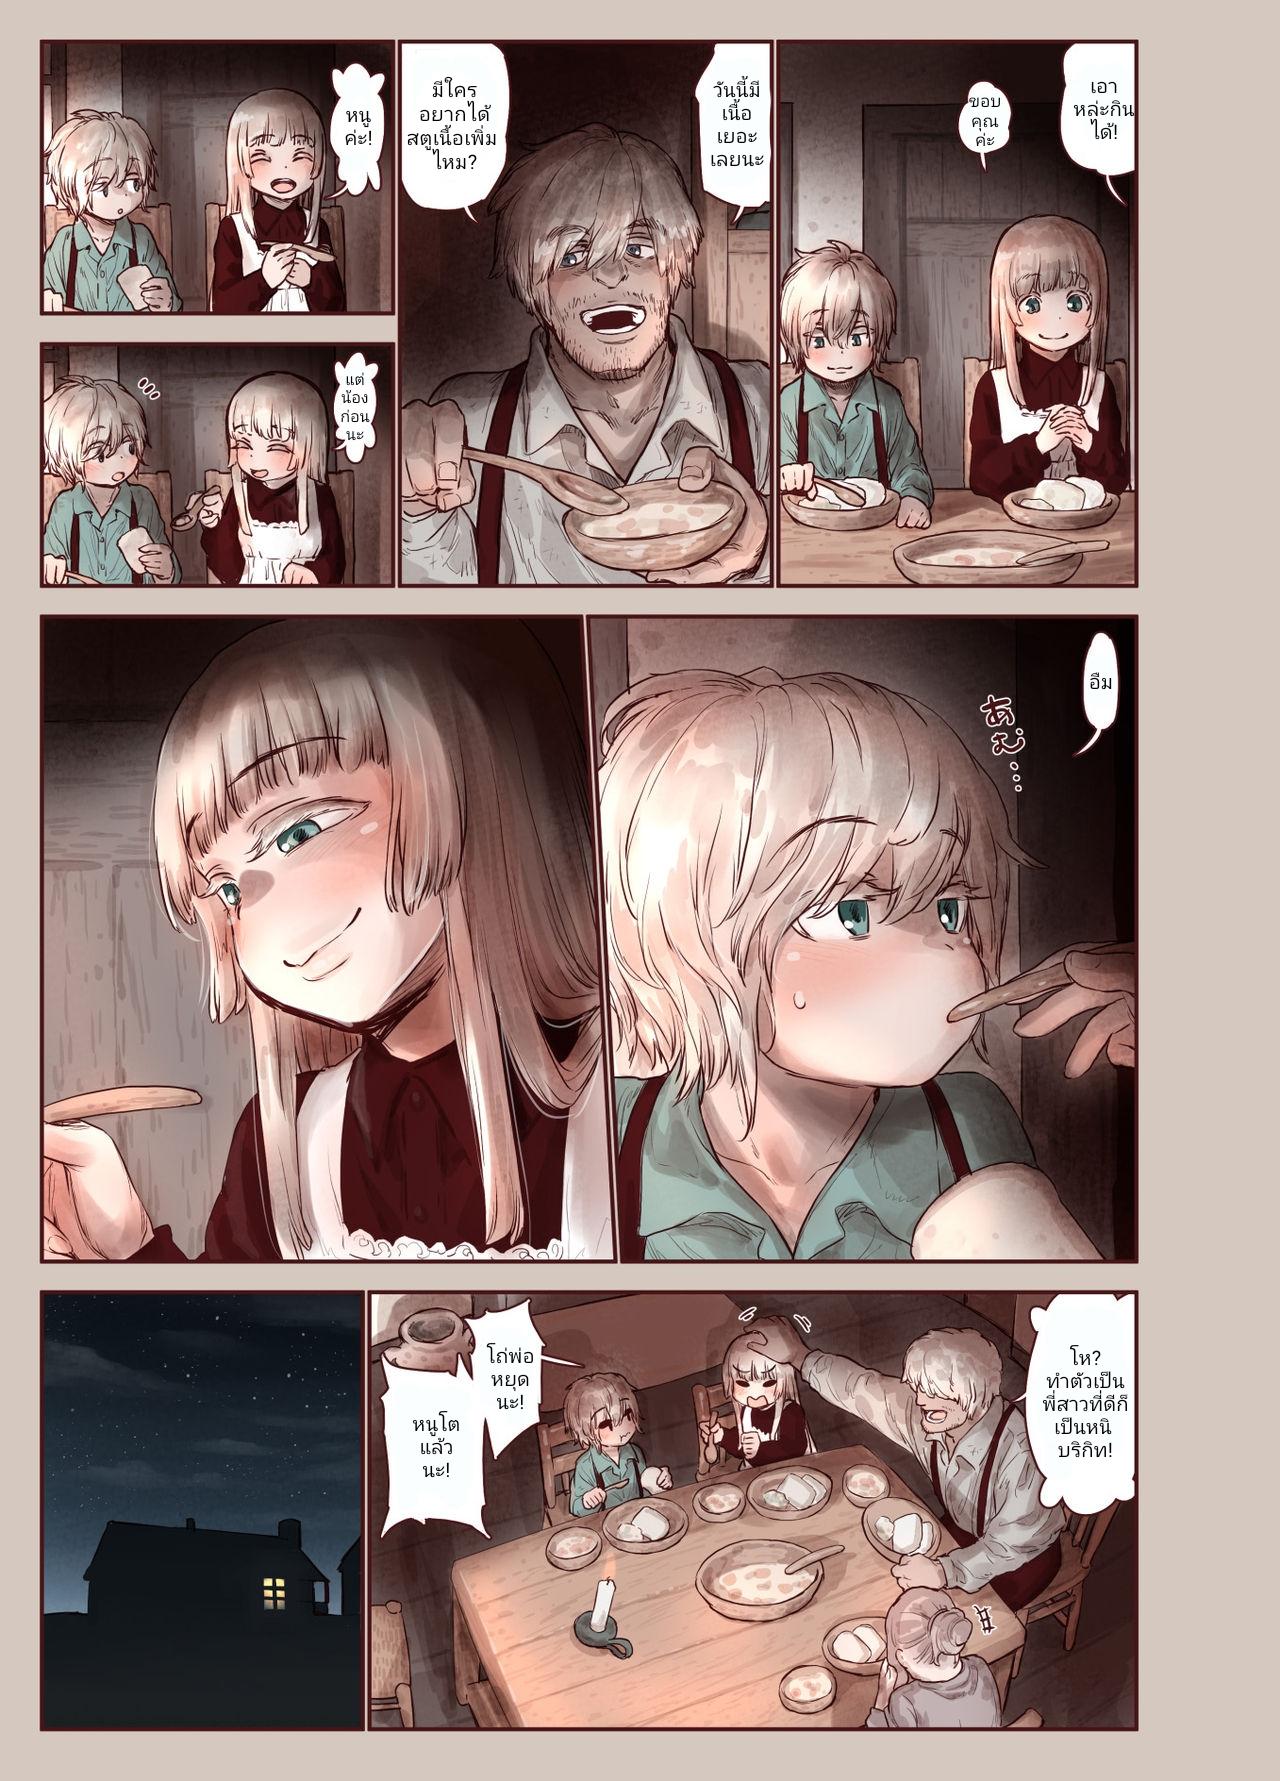 บาปและความลับ ภาพ 5